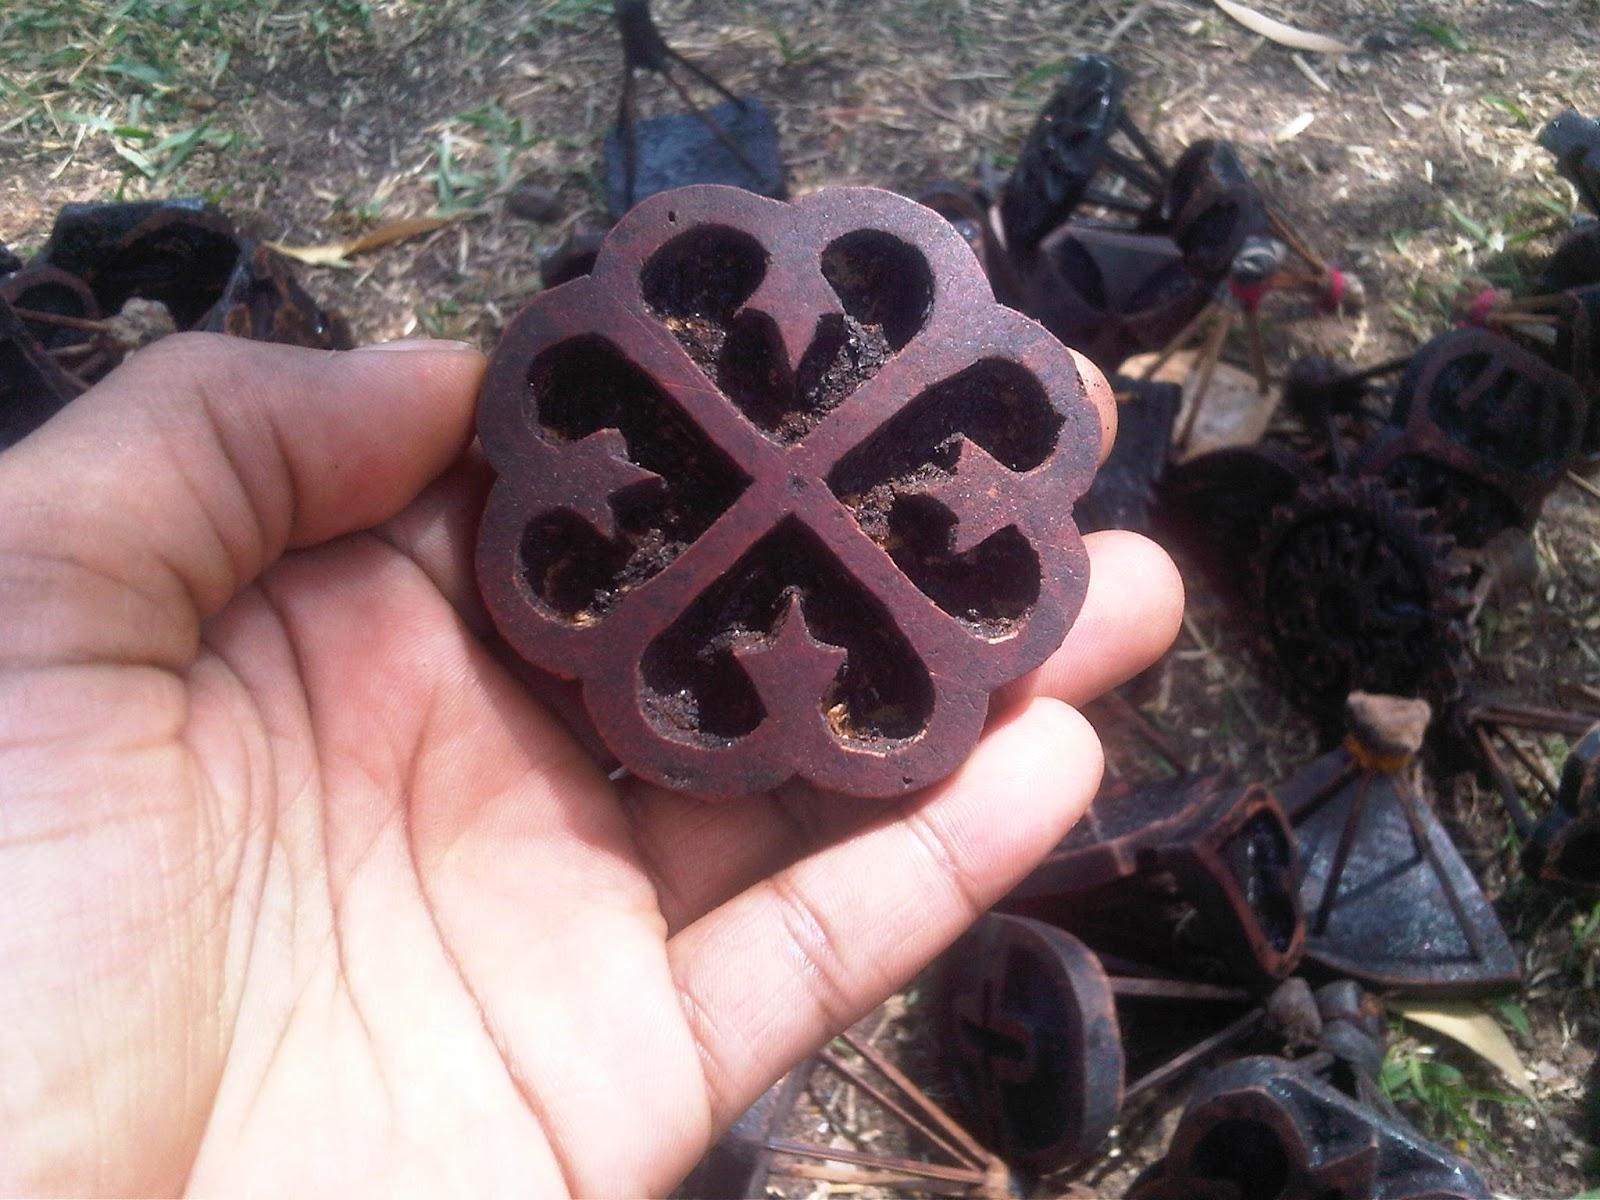 Me bo life stamping adinkra one of my favorite symbols nyame dua tree of god symbolizing gods presence and protection buycottarizona